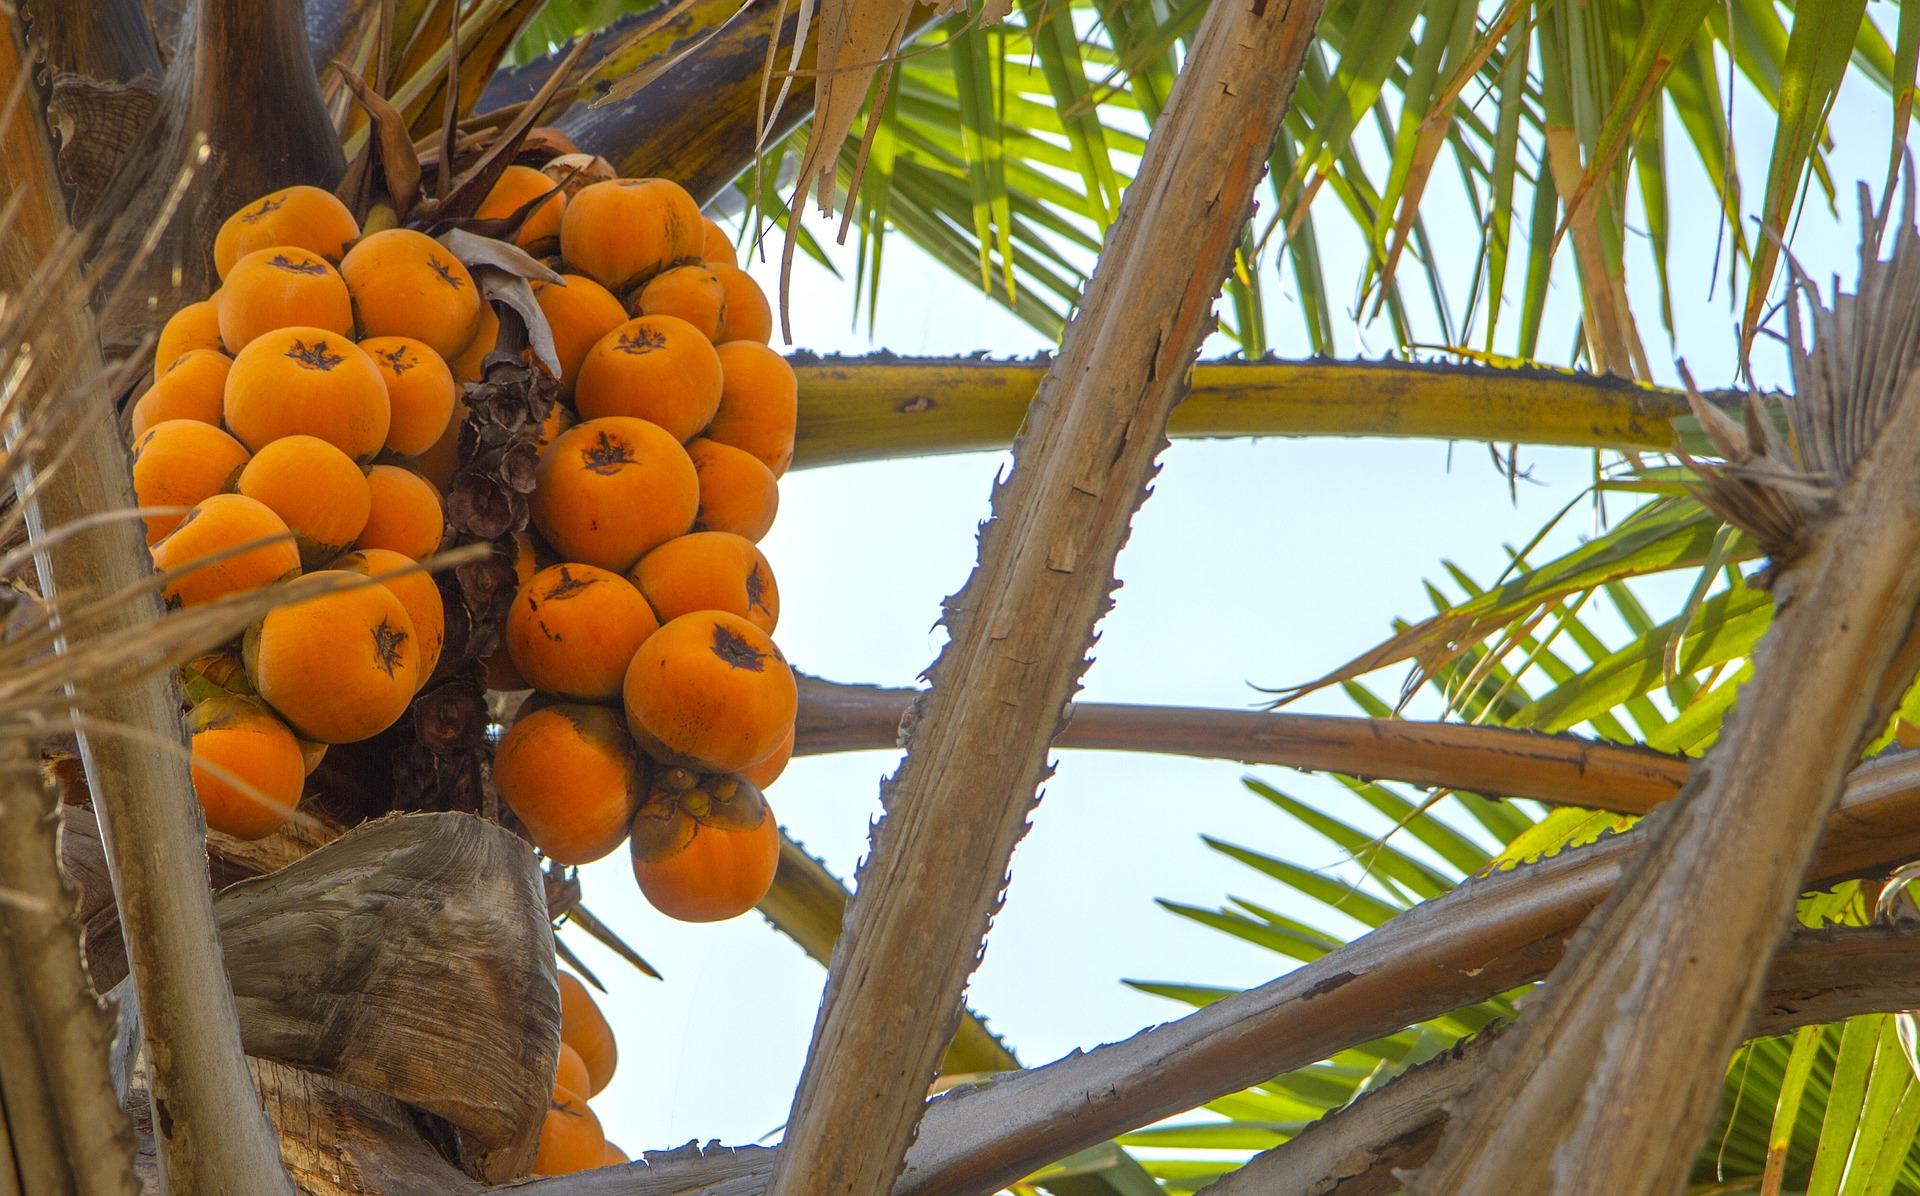 Image of fruit in Nigeria